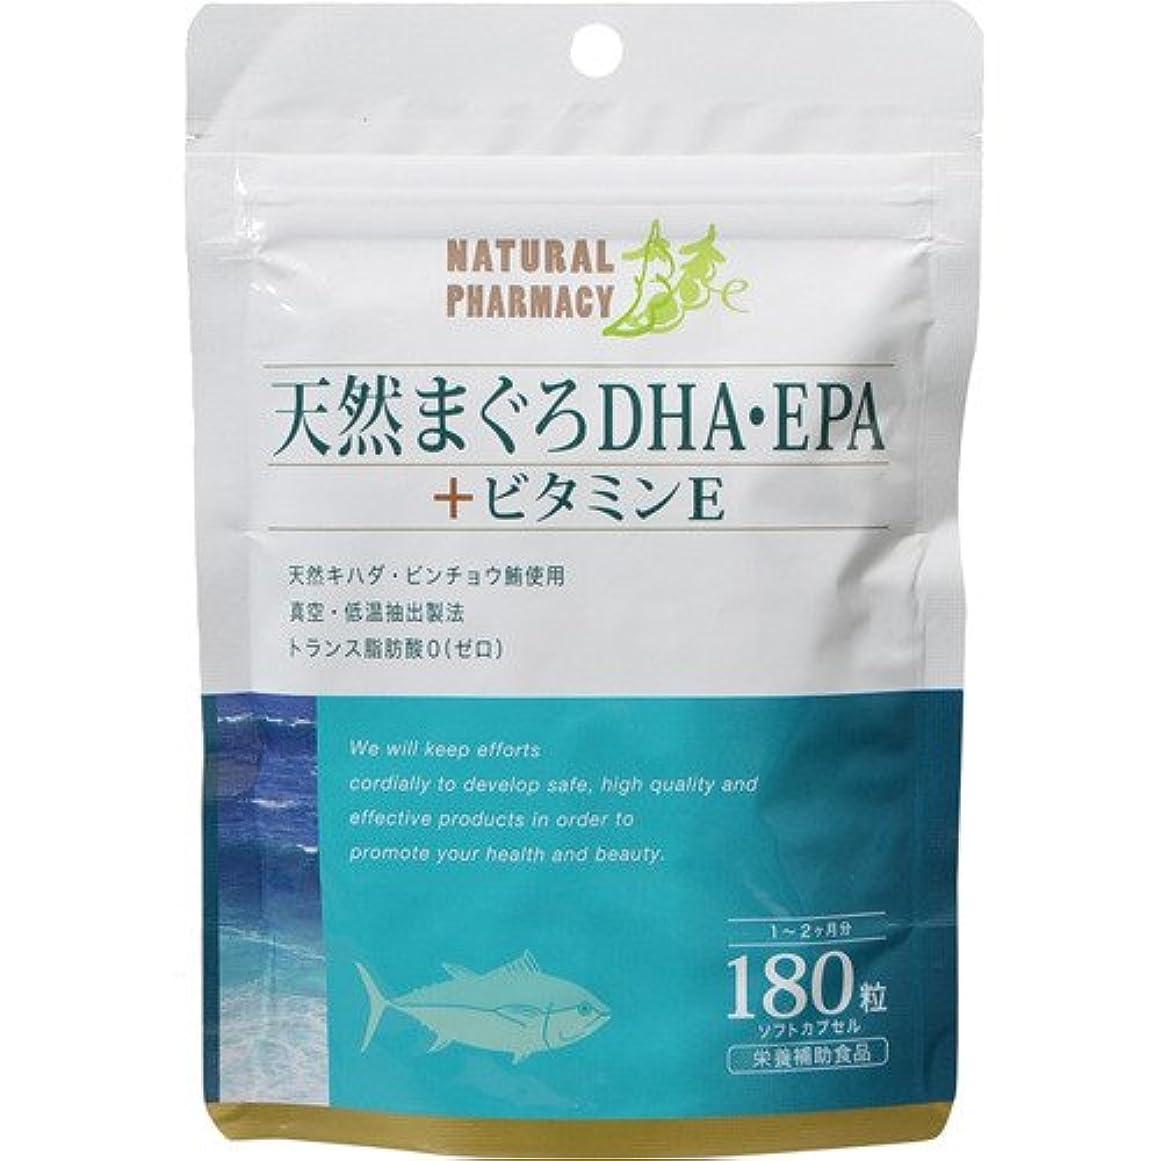 ヒゲクジラたるみランチすみや 天然まぐろDHA?EPA+ビタミンE 180粒